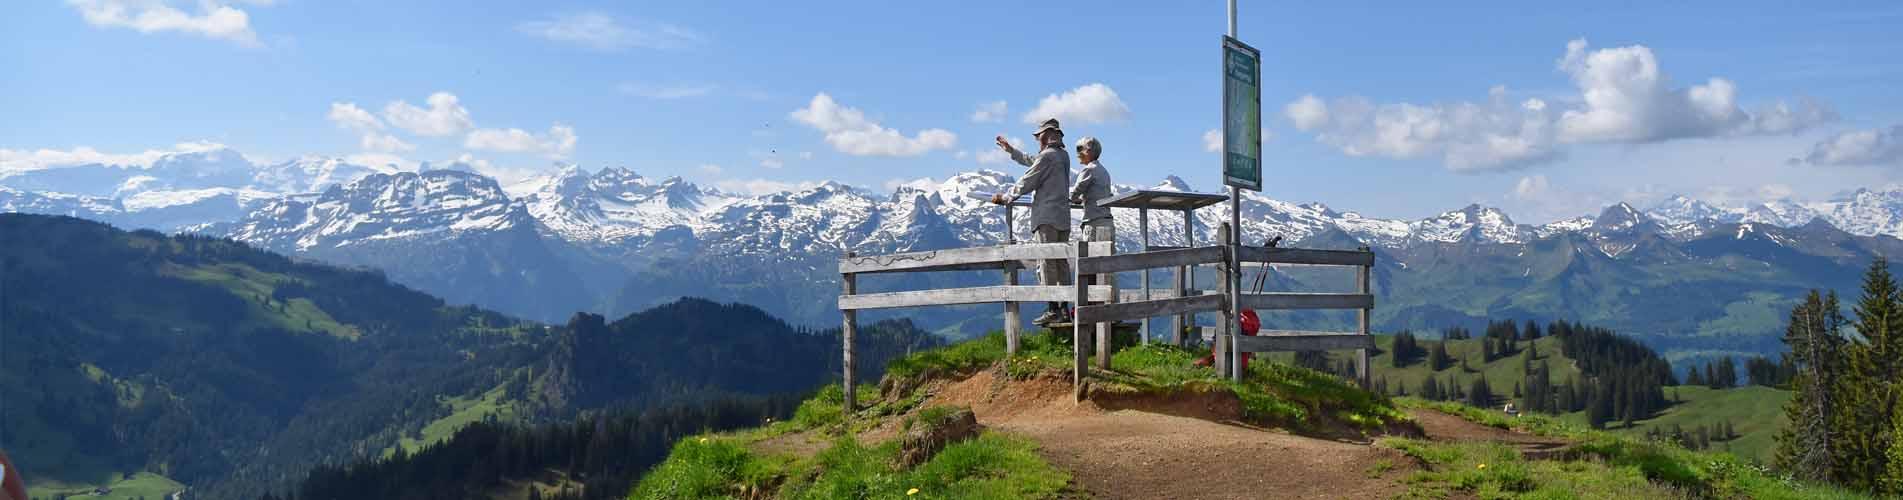 Geführte Wanderungen und Wanderferien Schweiz